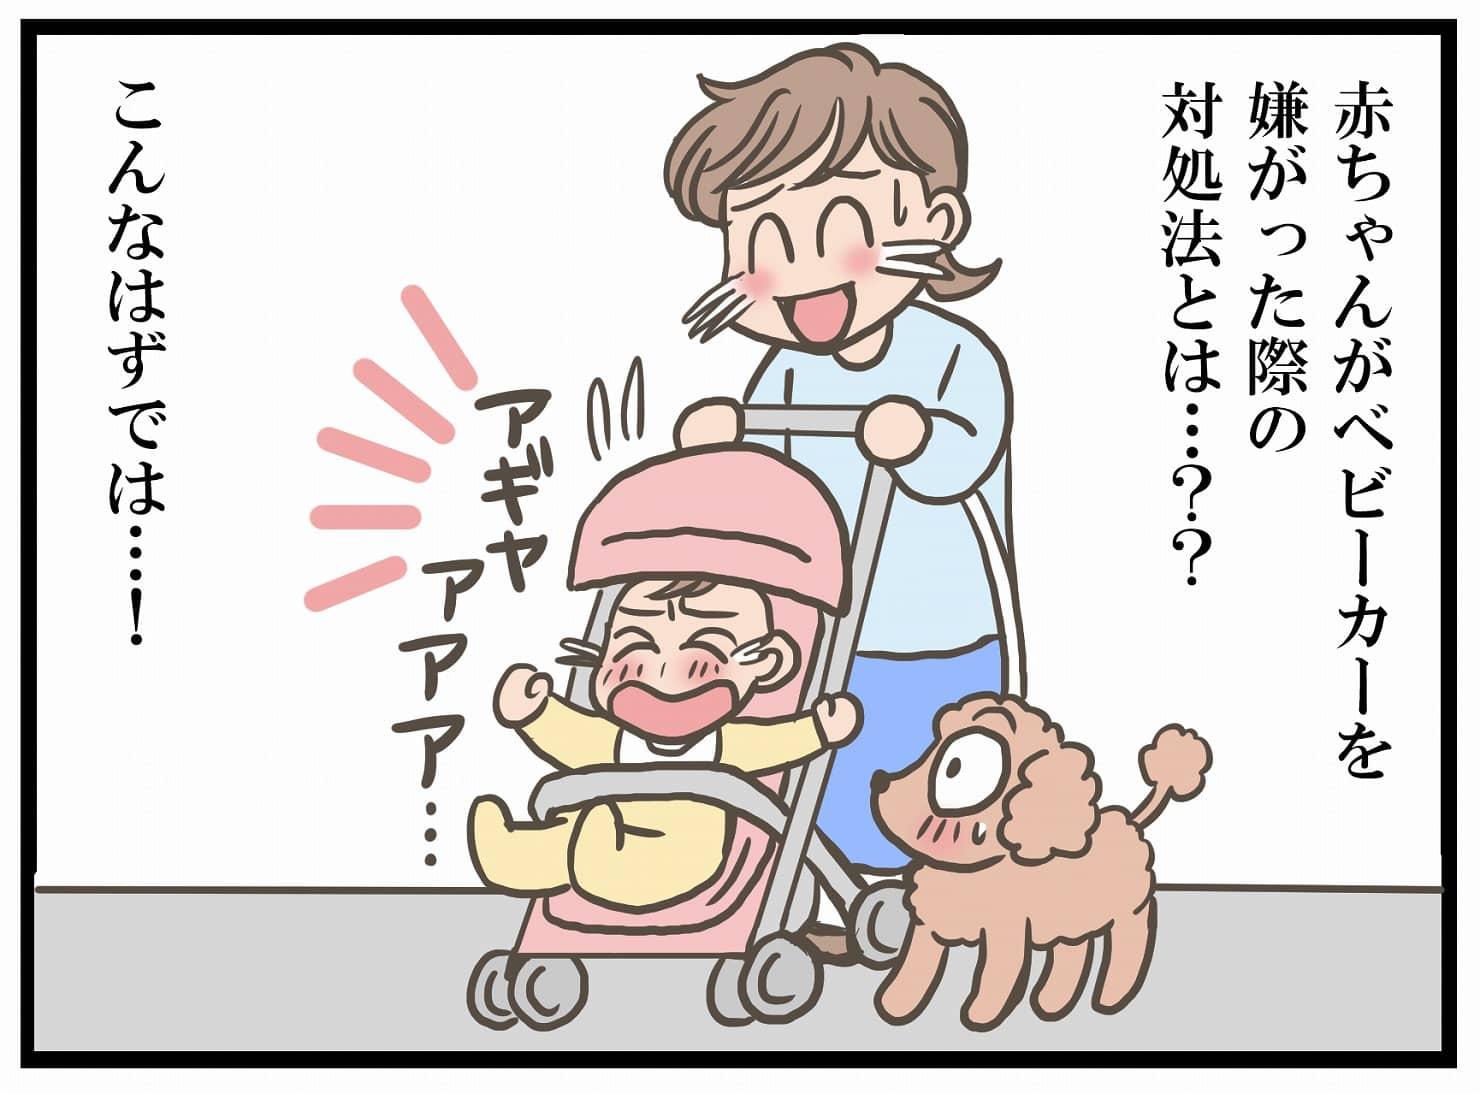 【育児漫画・育児あるあるvol.2】「楽しいベビーカーライフを想像していたけど…!?」